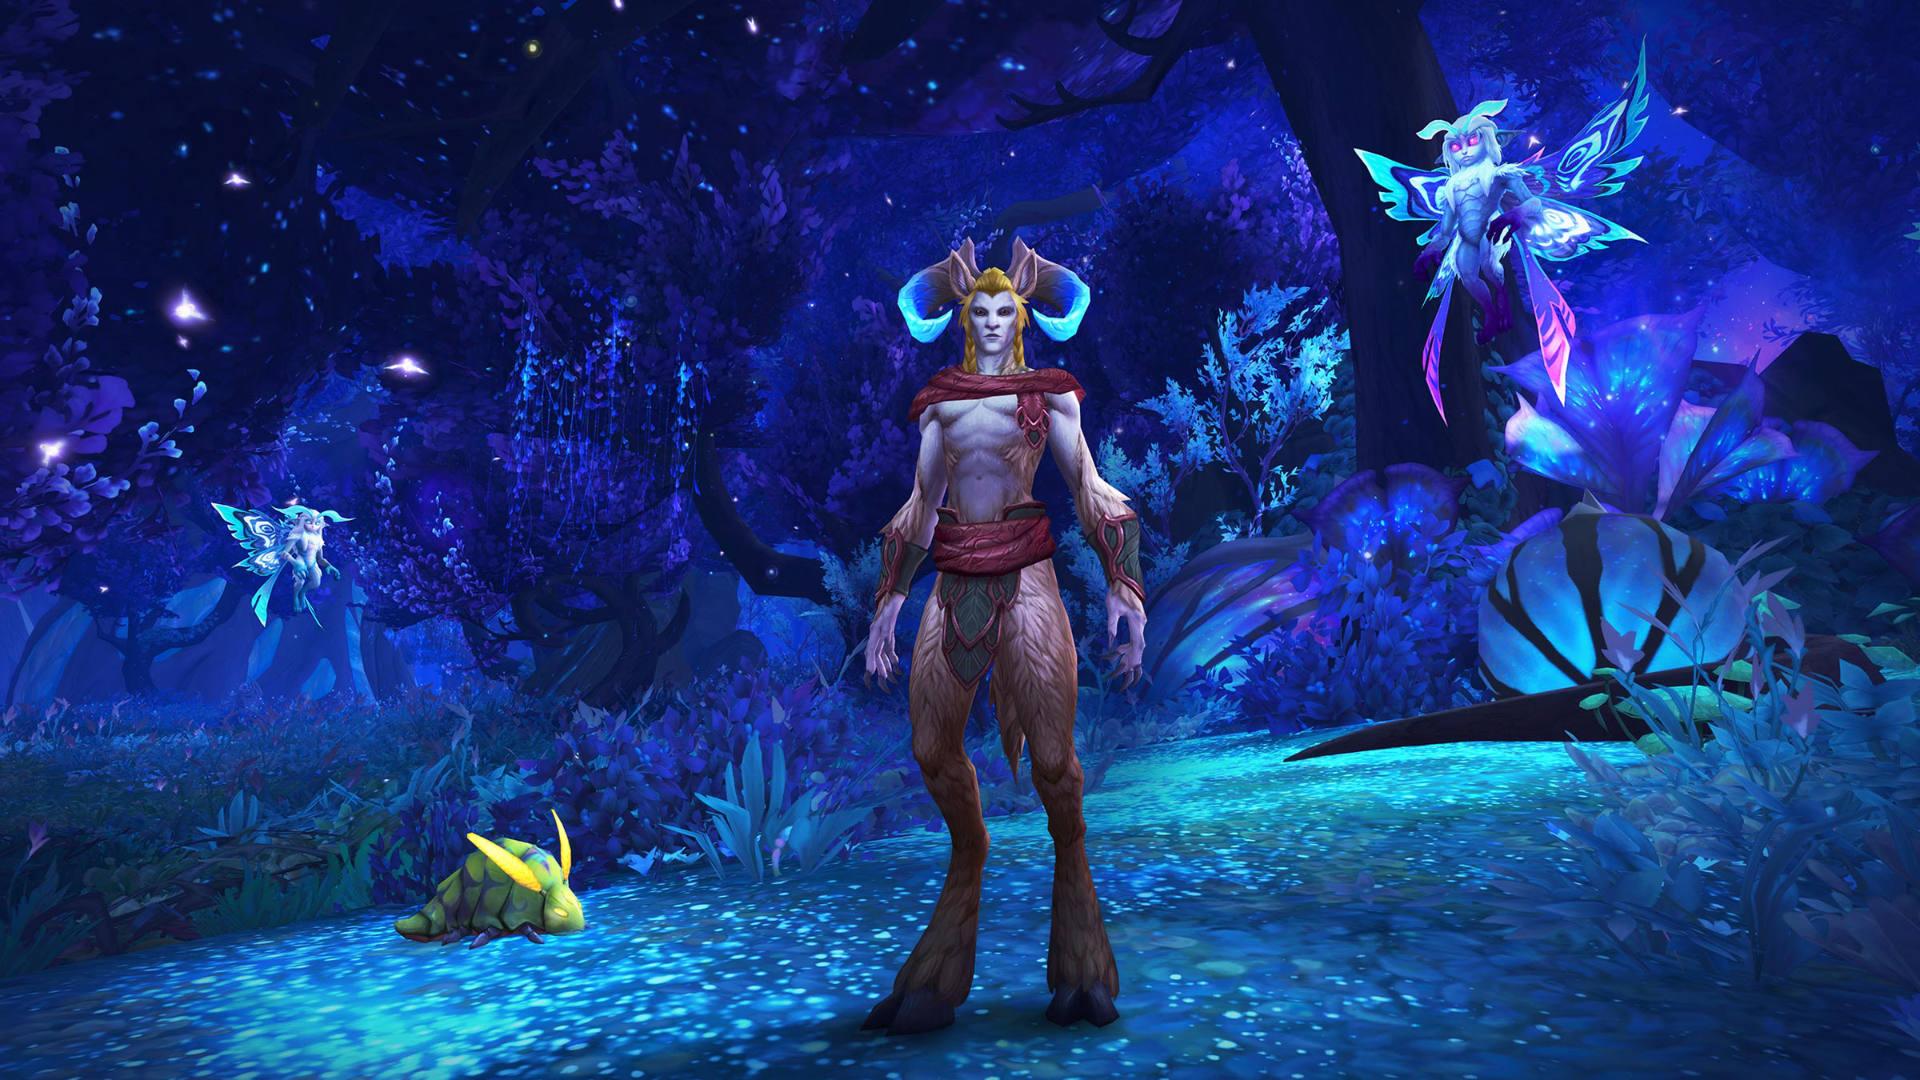 Quelle: Blizzard - World of Warcraft: Shadowlands